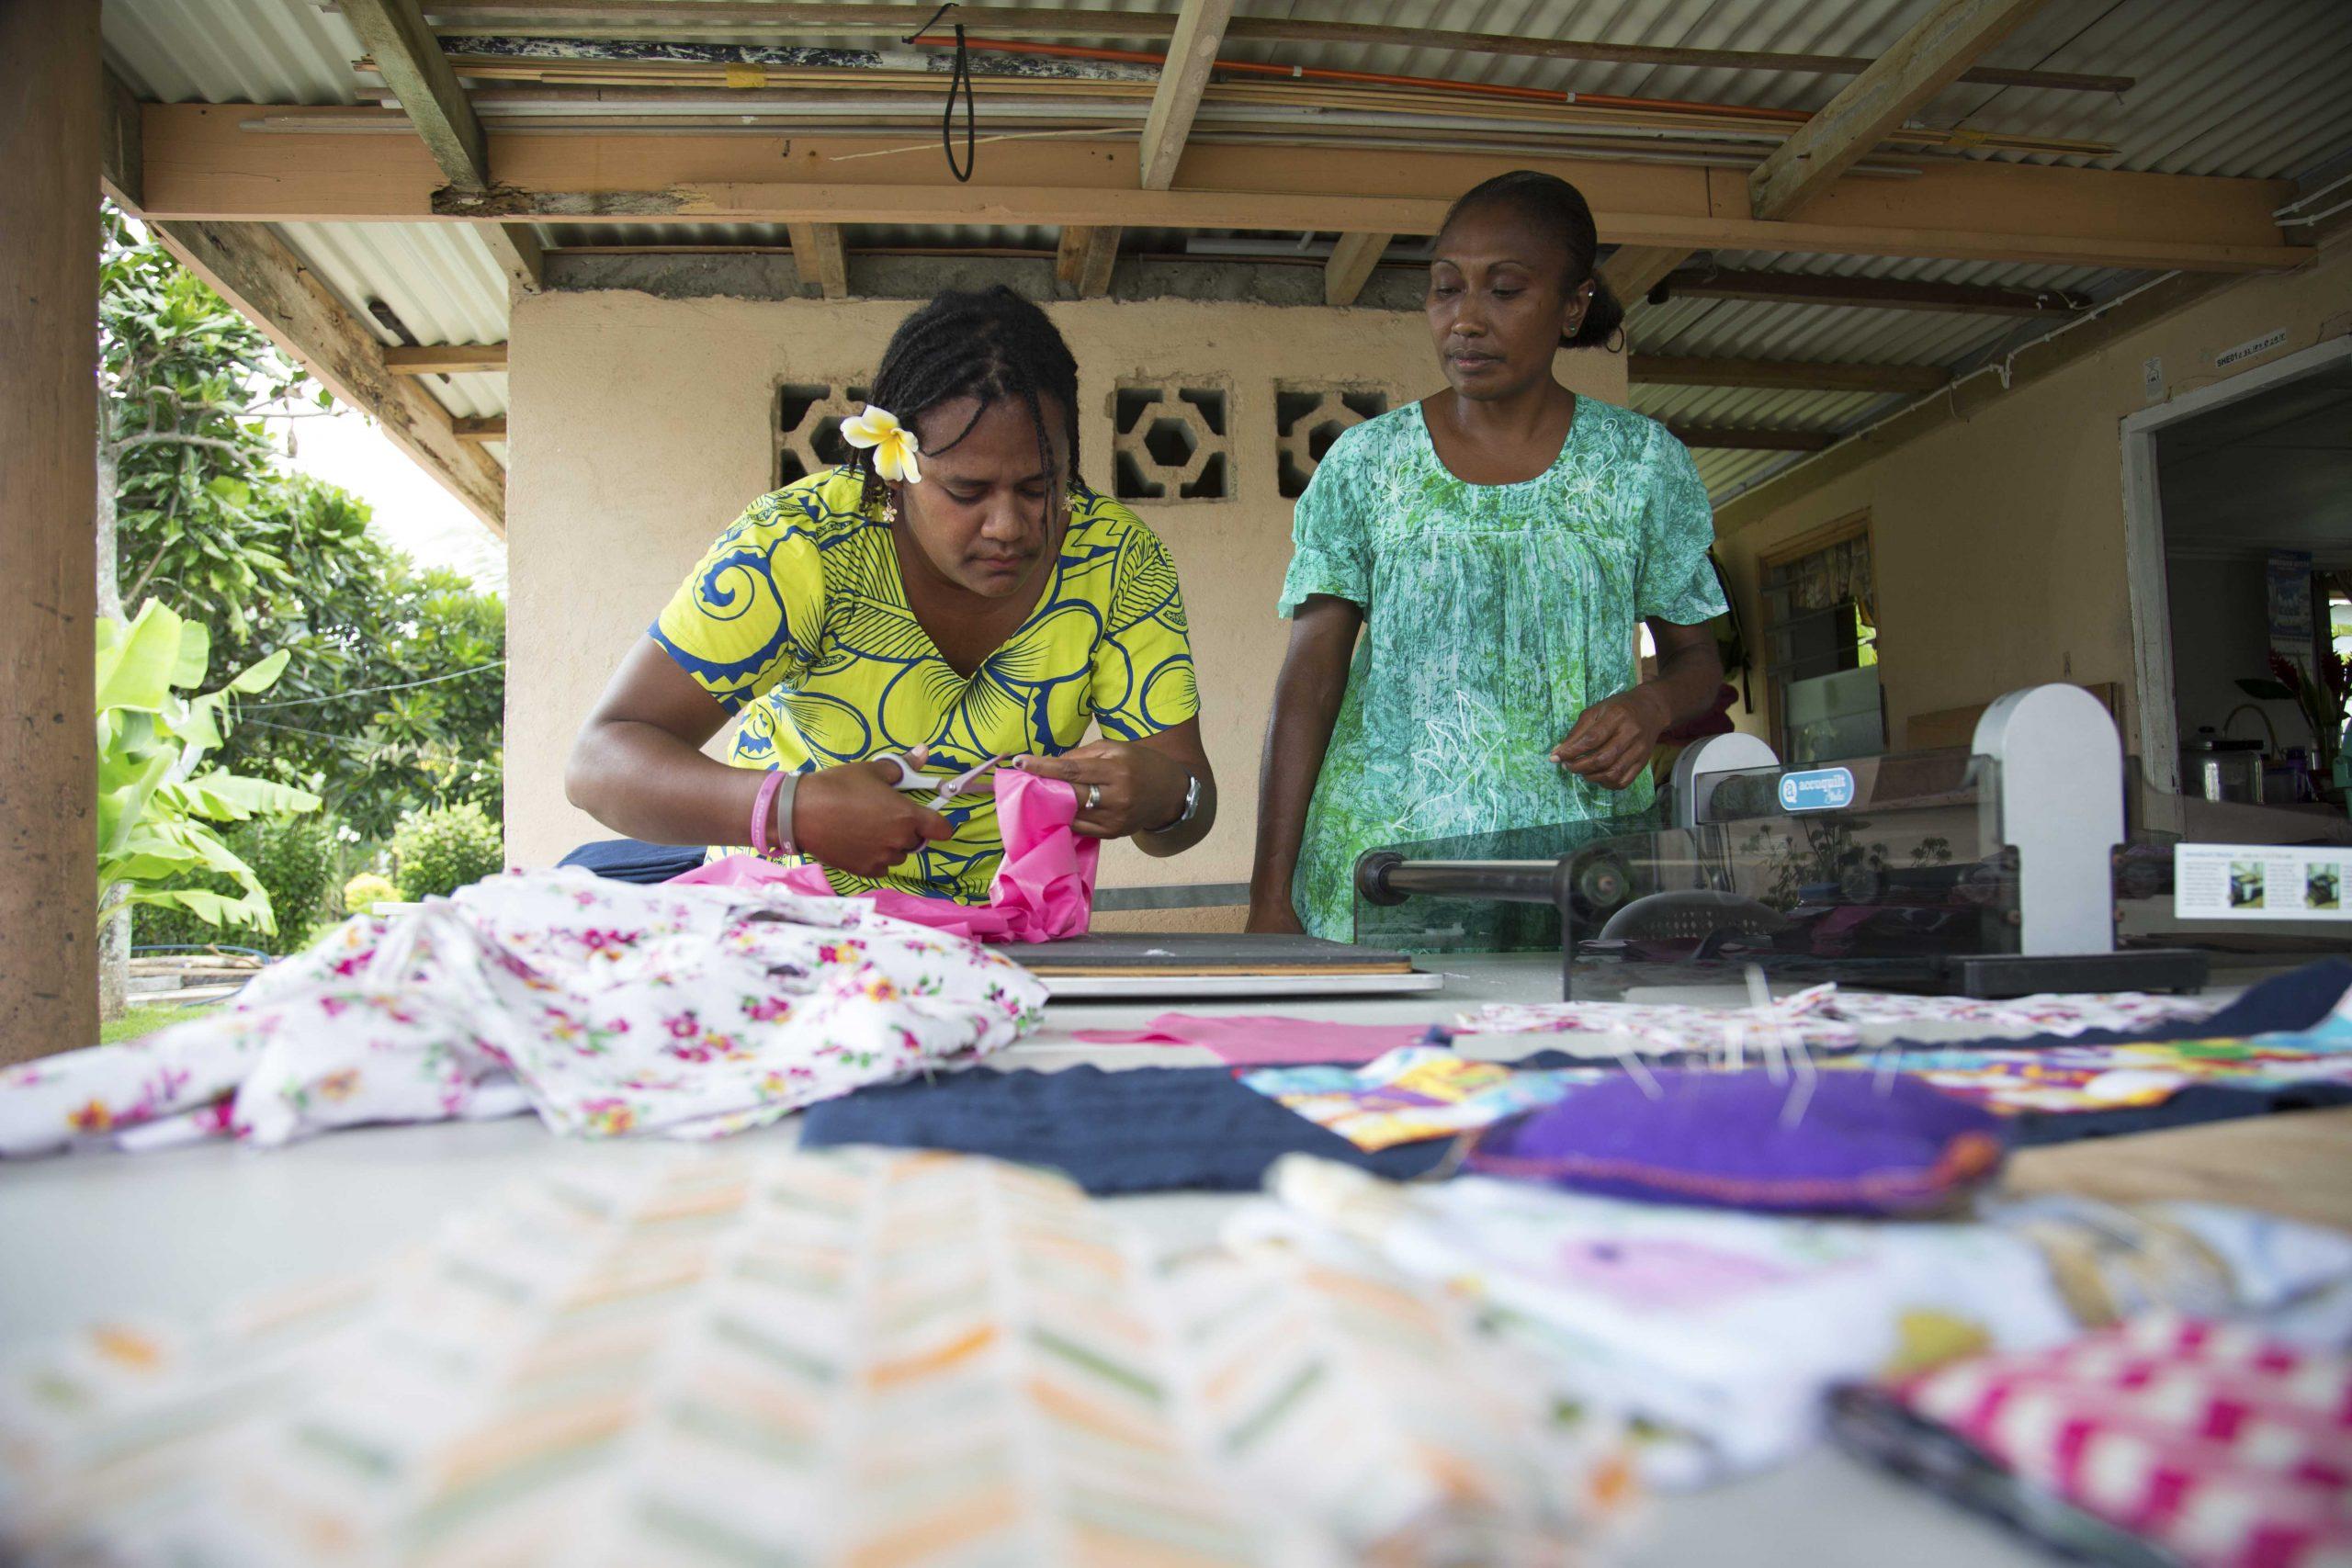 Building Mamma's Laef Vanuatu's resilience